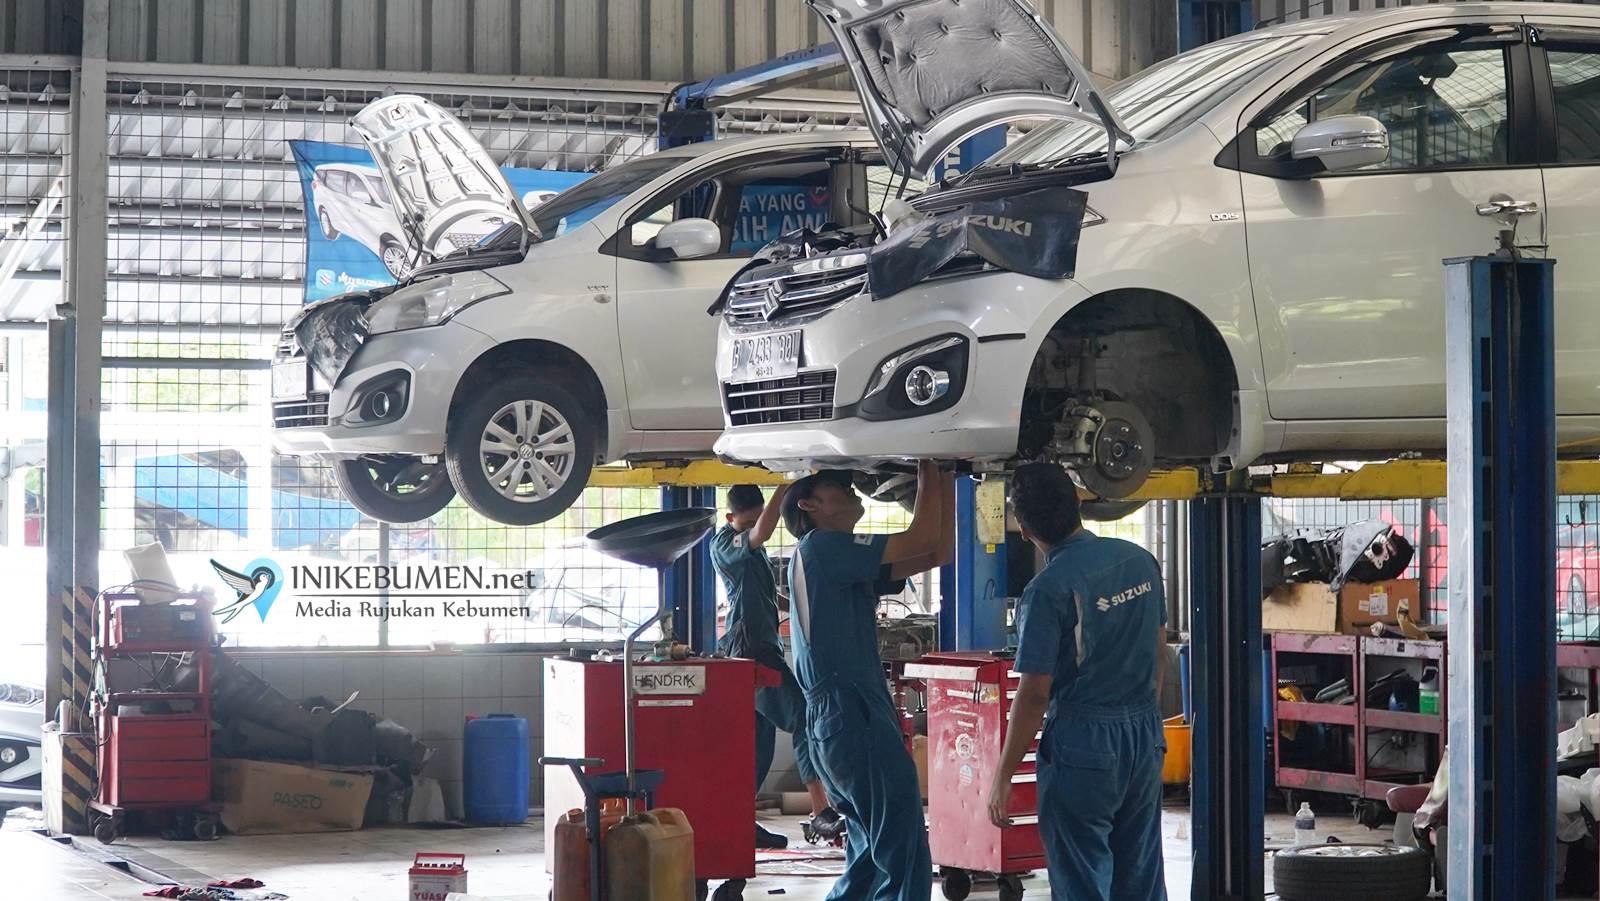 Suzuki Tingkatkan Kecepatan Analisis Masalah Teknis Kendaraan Hingga 300 Persen